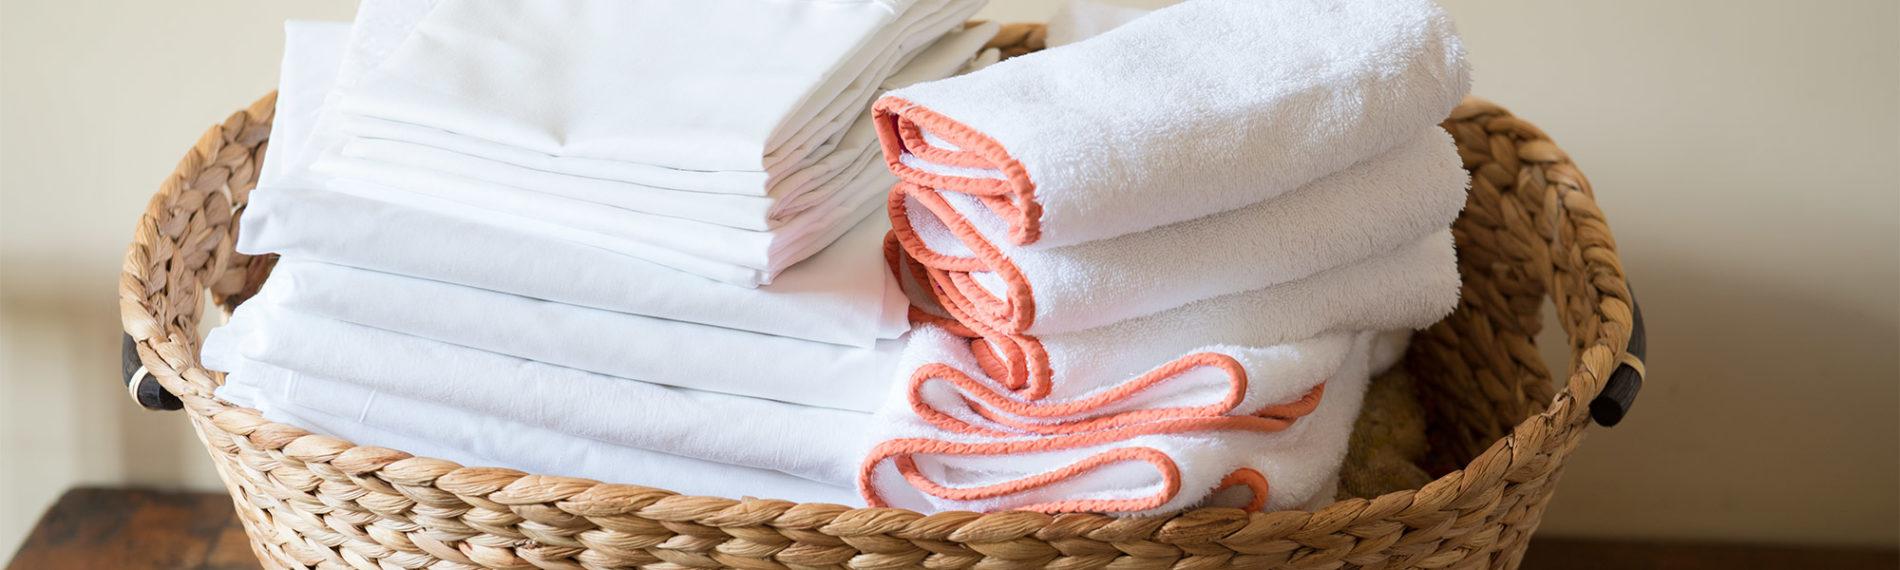 Laundry Bin